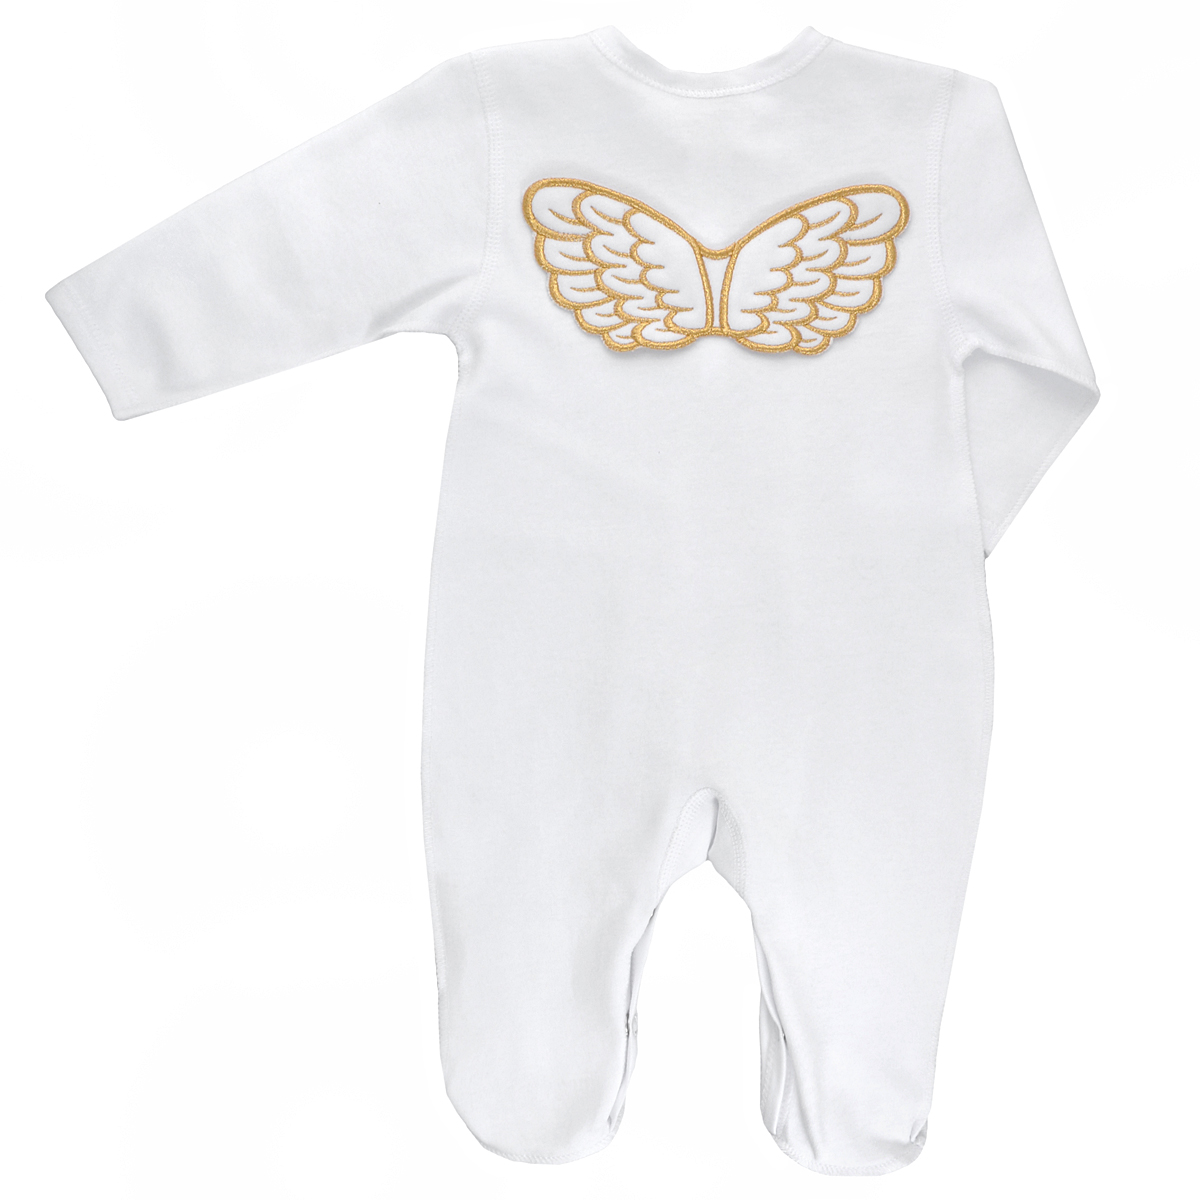 Комбинезон детский Lucky Child Ангелы, цвет: белый. 17-1. Размер 68/7417-1Детский комбинезон Lucky Child Ангелы - очень удобный и практичный вид одежды для малышей. Комбинезон выполнен из интерлока - натурального хлопка, благодаря чему он необычайно мягкий и приятный на ощупь, не раздражает нежную кожу ребенка и хорошо вентилируется, а эластичные швы приятны телу малыша и не препятствуют его движениям. Комбинезон с длинными рукавами и закрытыми ножками, выполненный швами наружу, имеет застежки-кнопки от горловины до щиколоток, которые помогают легко переодеть младенца или сменить подгузник.Комбинезон на груди оформлен надписью в виде логотипа бренда и изображением крылышек, а на спинке дополнен текстильными крылышками, вышитыми металлизированной нитью. С детским комбинезоном Lucky Child спинка и ножки вашего малыша всегда будут в тепле, он идеален для использования днем и незаменим ночью. Комбинезон полностью соответствует особенностям жизни младенца в ранний период, не стесняя и не ограничивая его в движениях!